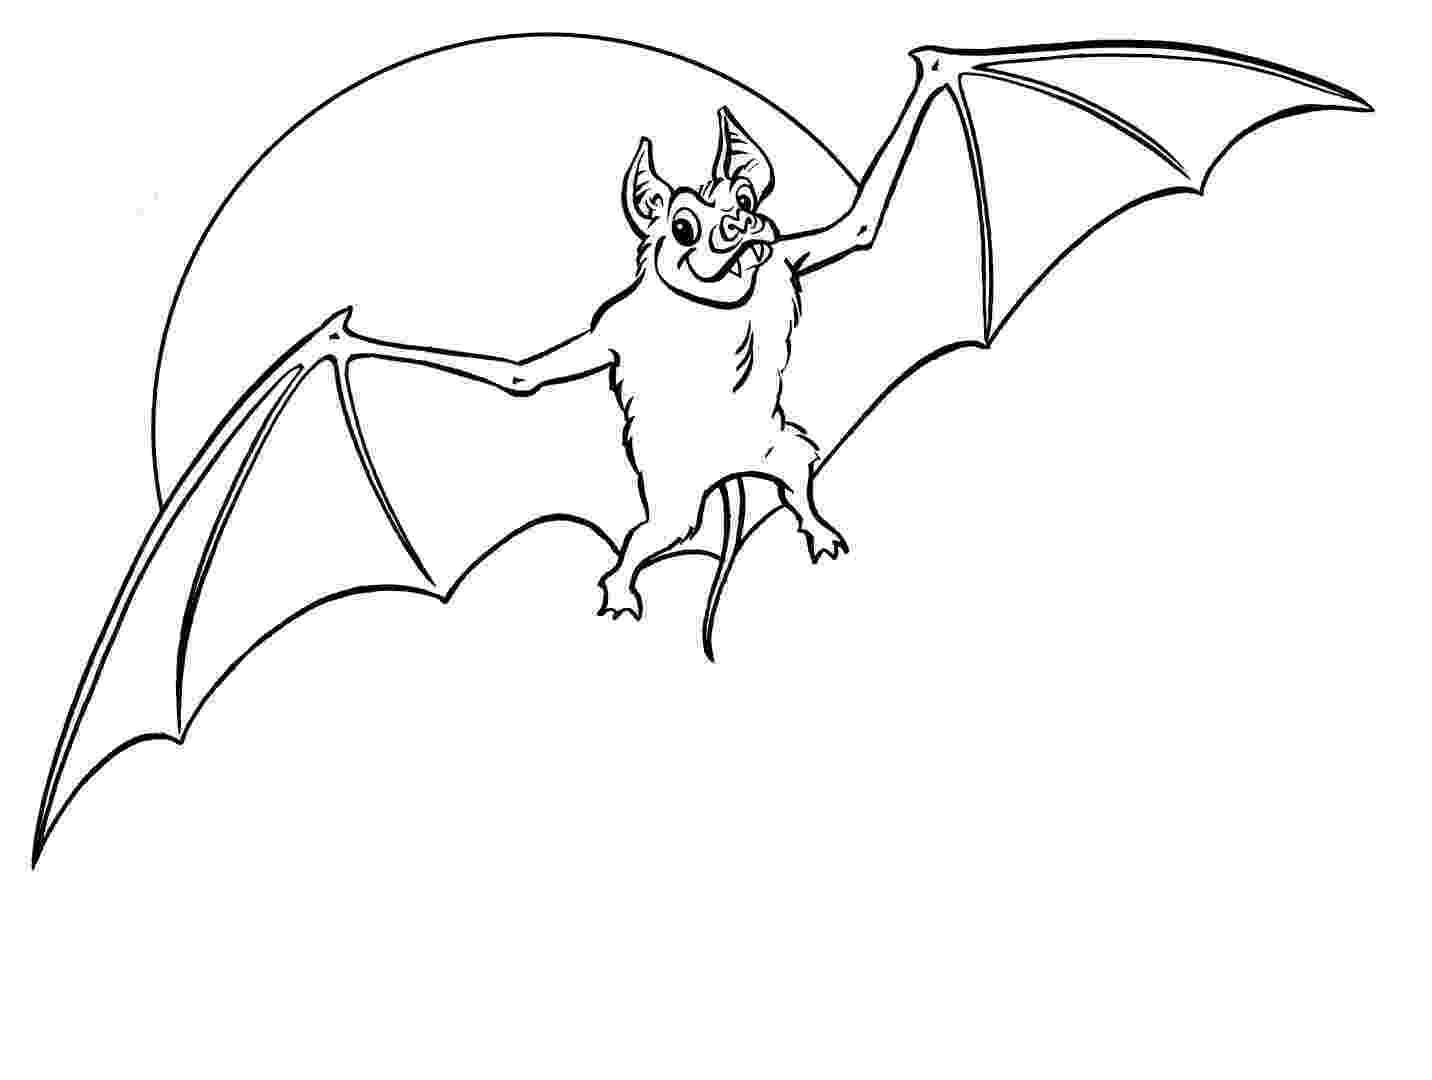 bat color page free printable bat coloring pages for kids bat page color